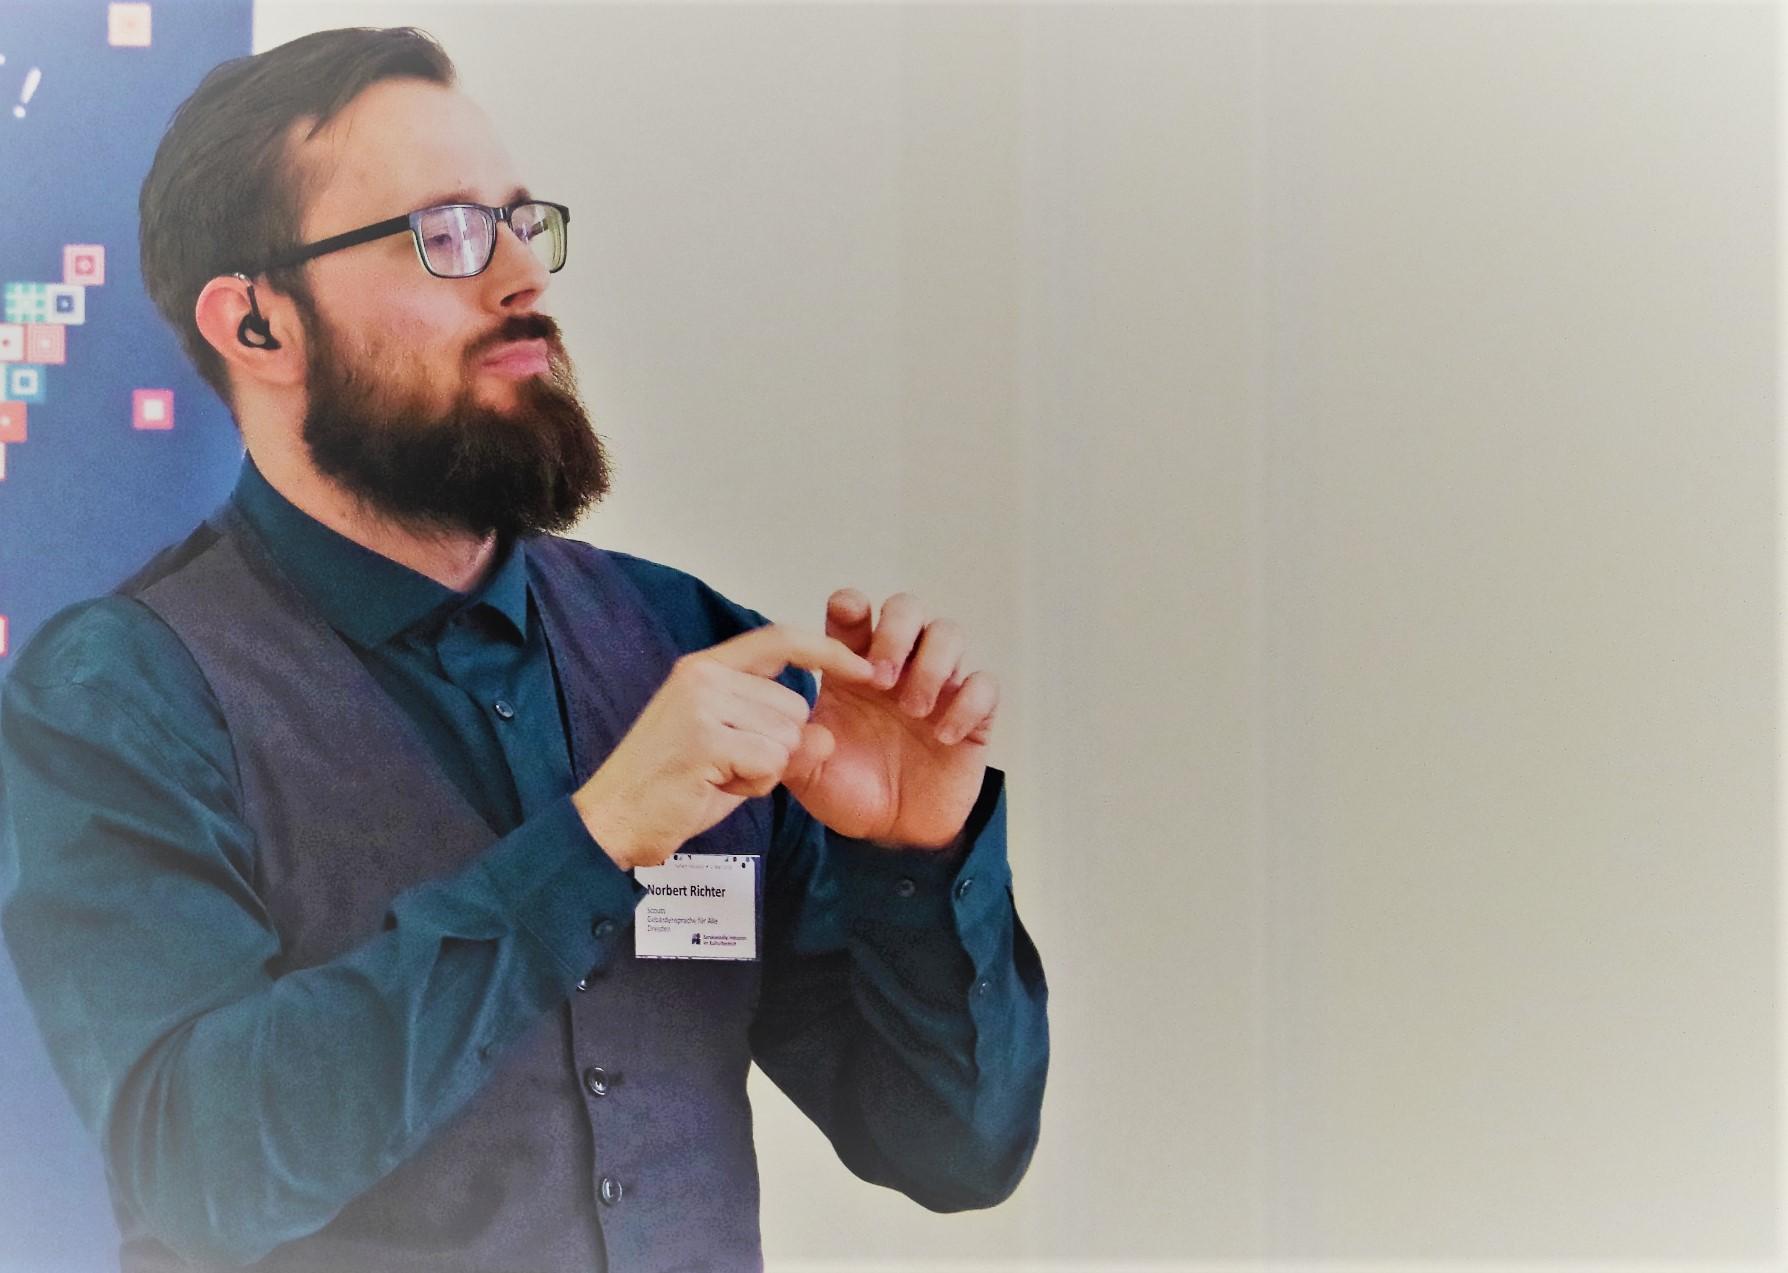 Ein Mann hält einen Vortrag in Gebärdensparche.